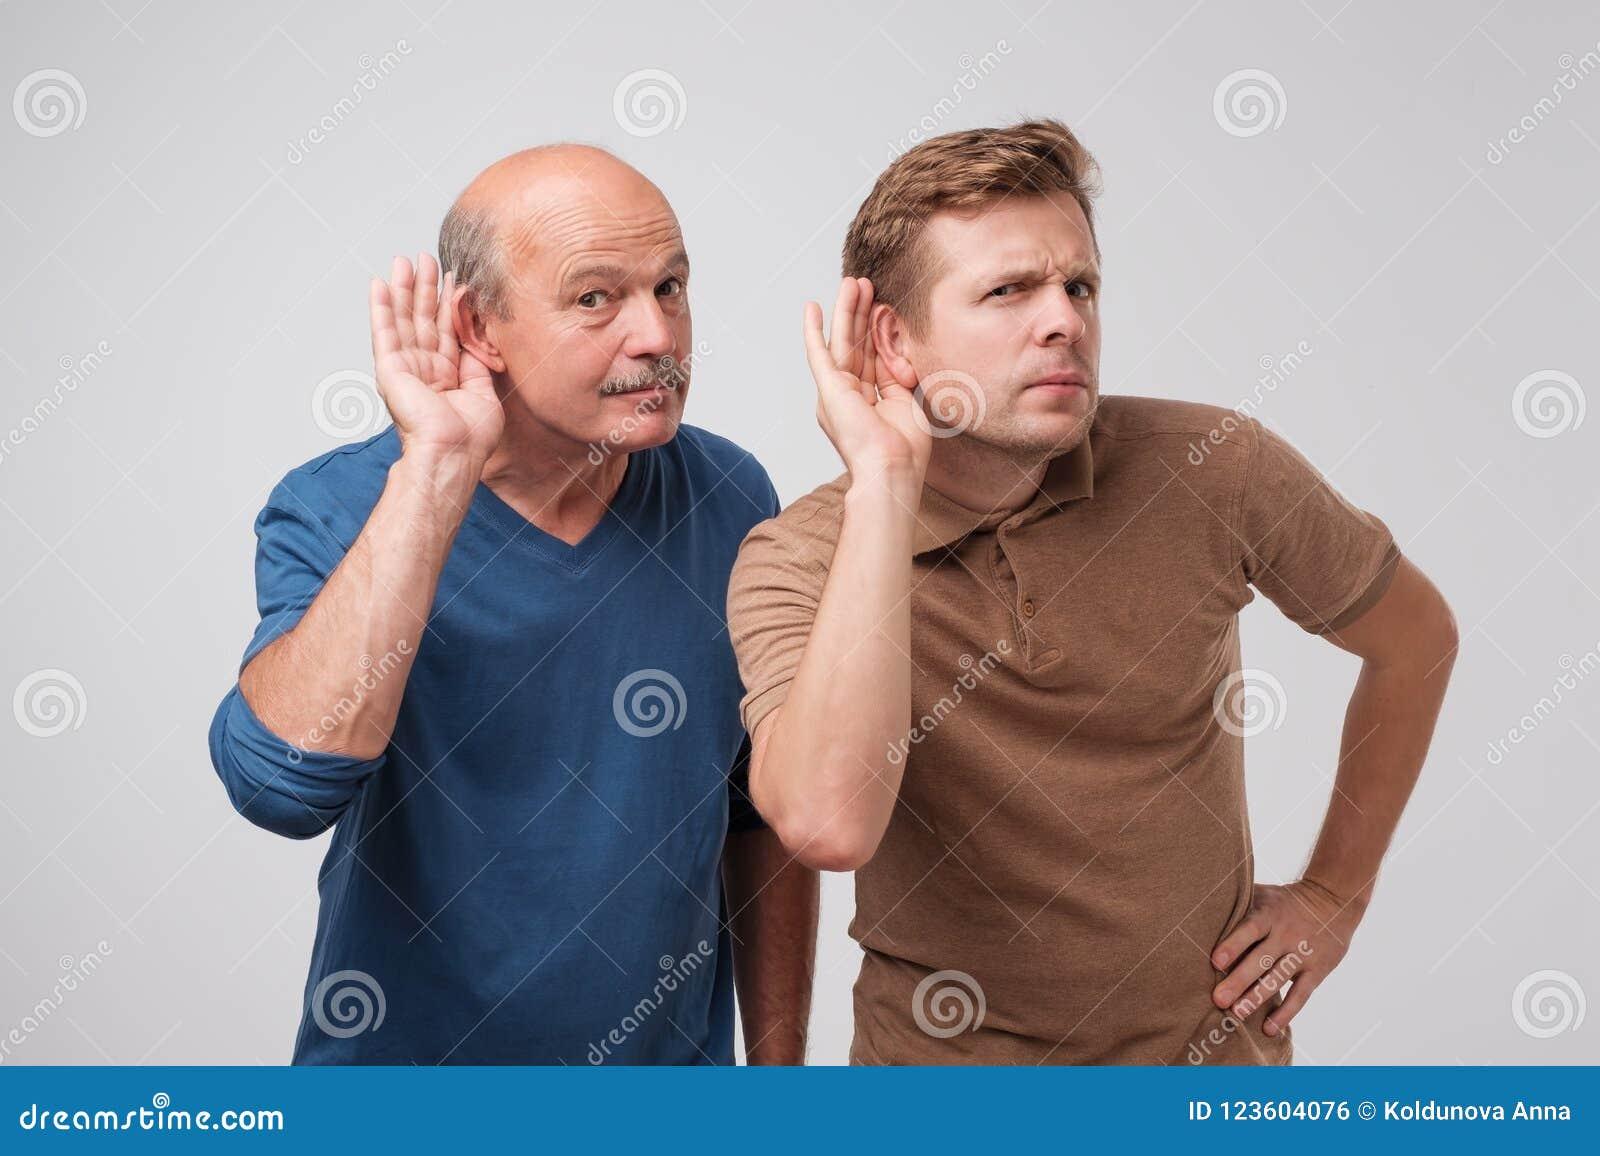 Zwei kaukasische Männer, die mit der Hand auf dem Ohr lokalisiert auf einem weißen Hintergrund hören Sprechen Sie bitte laut